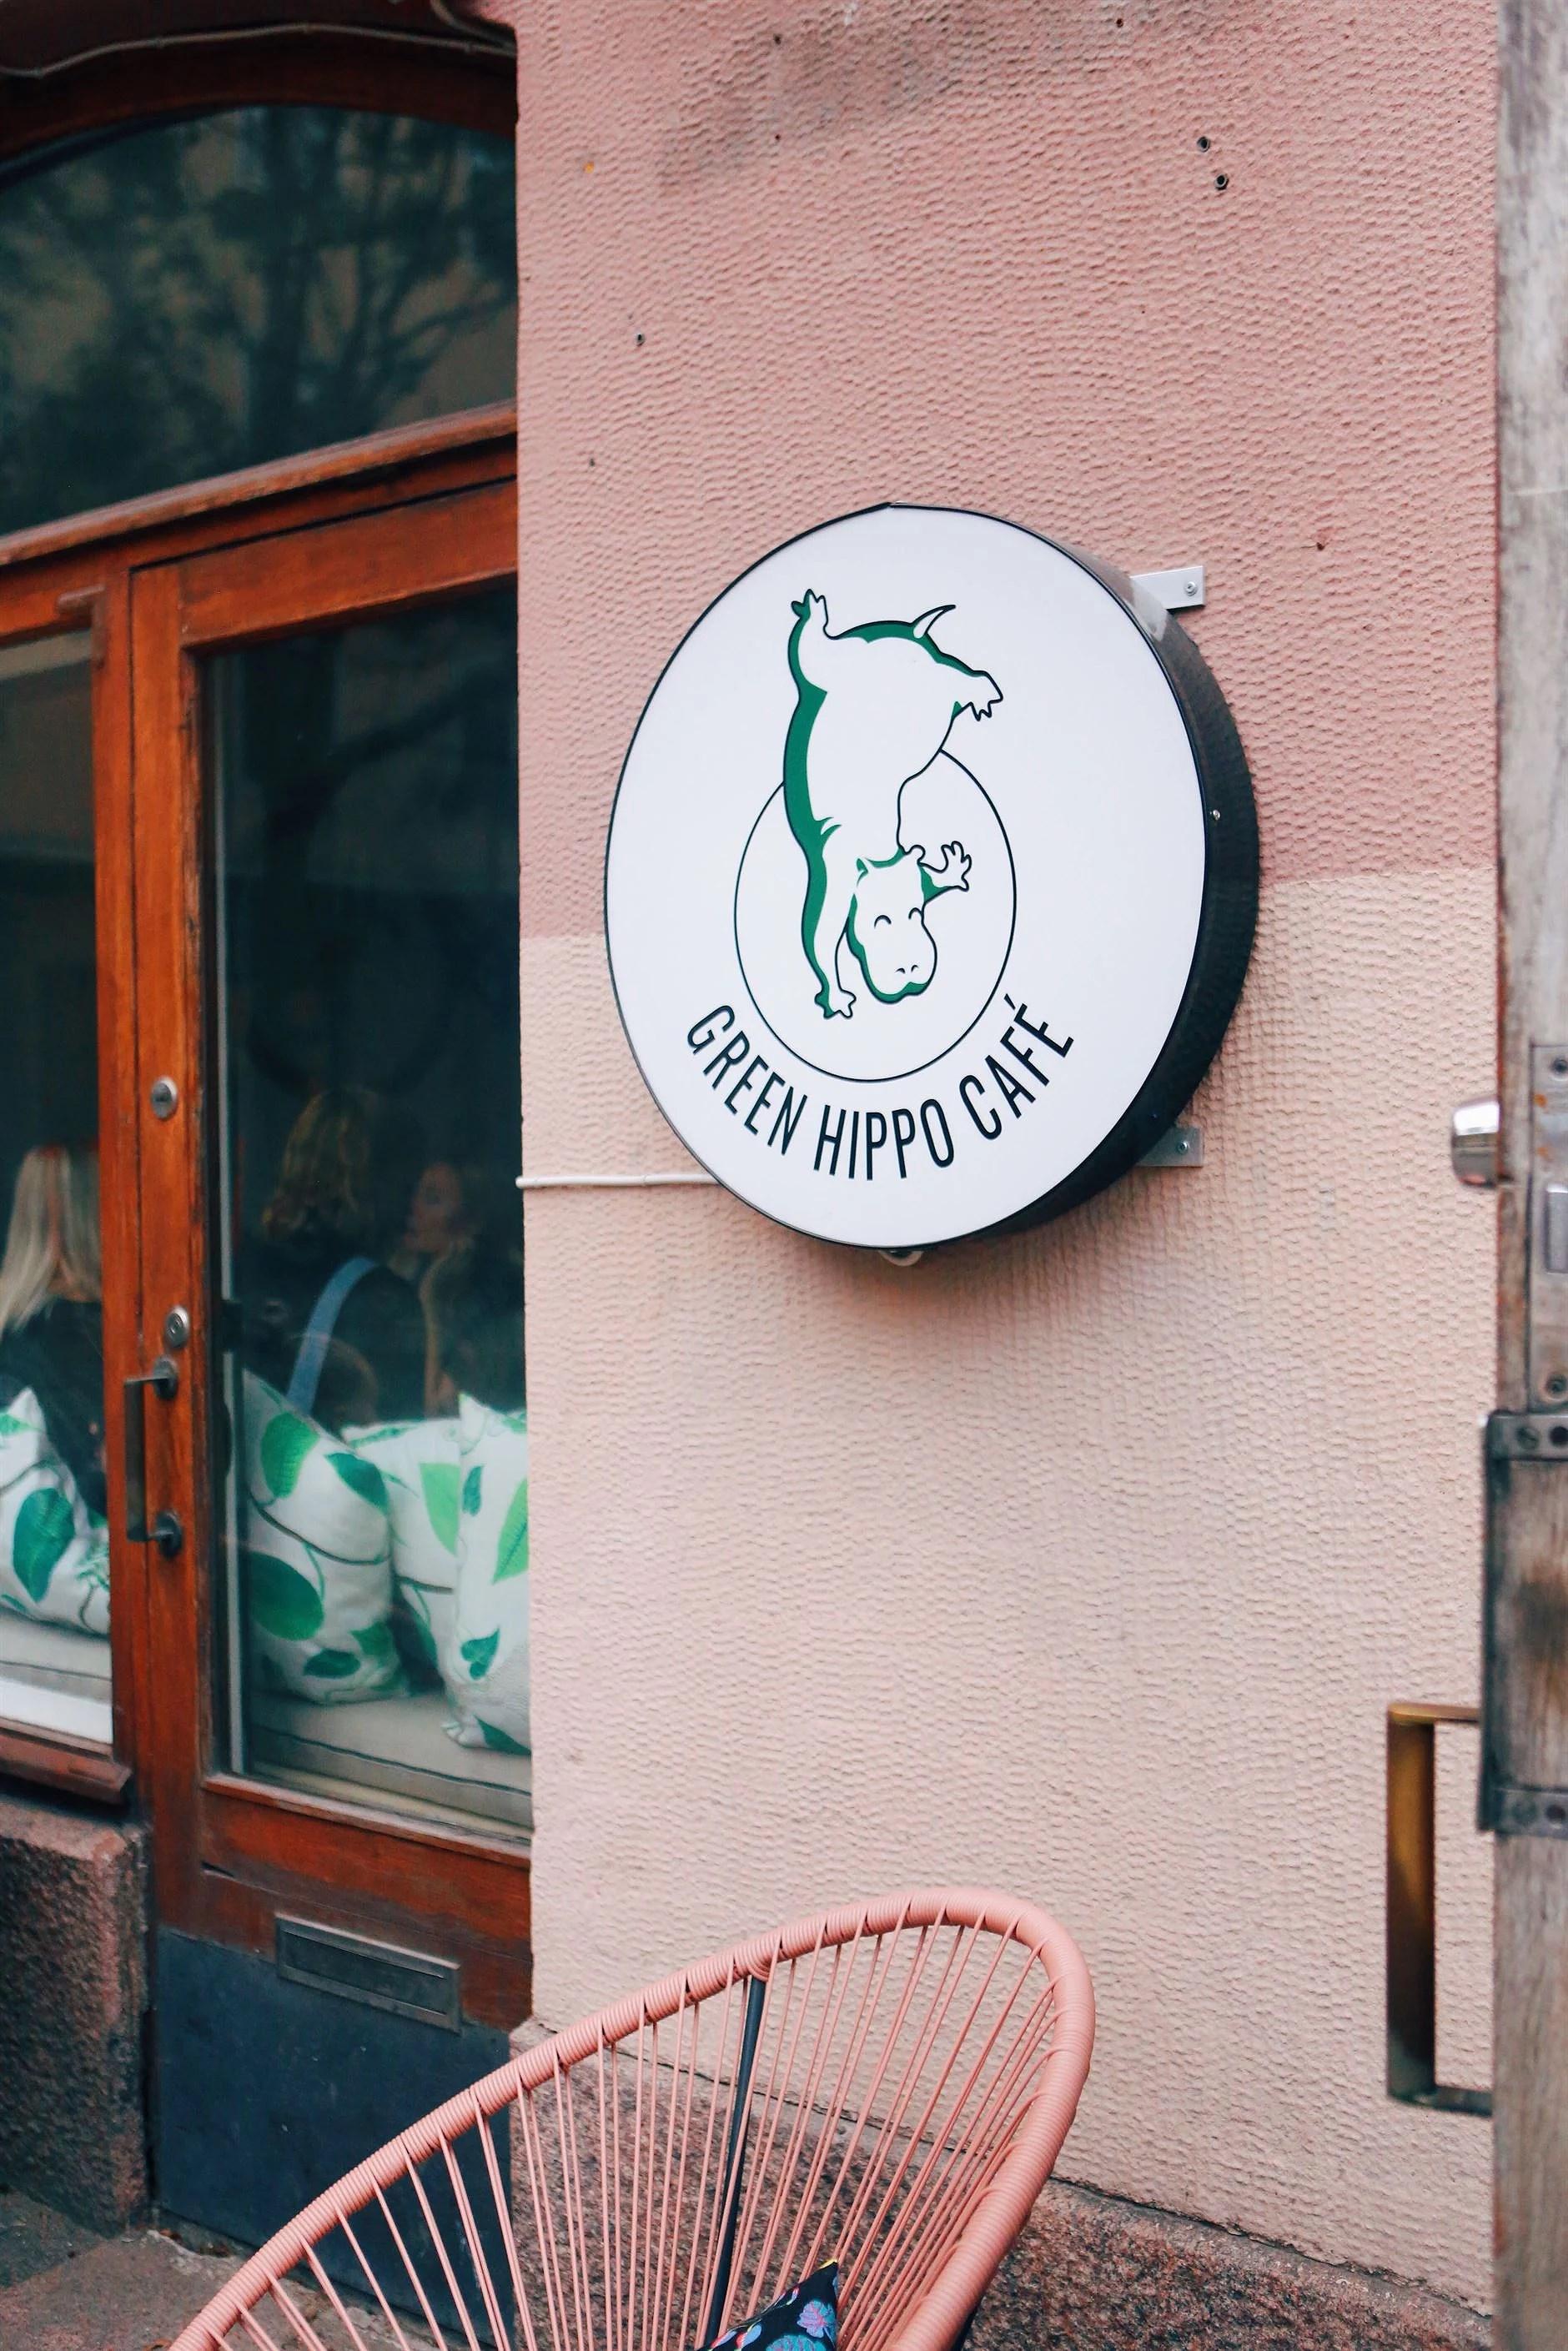 THE GREEN HIPPO CAFÉ